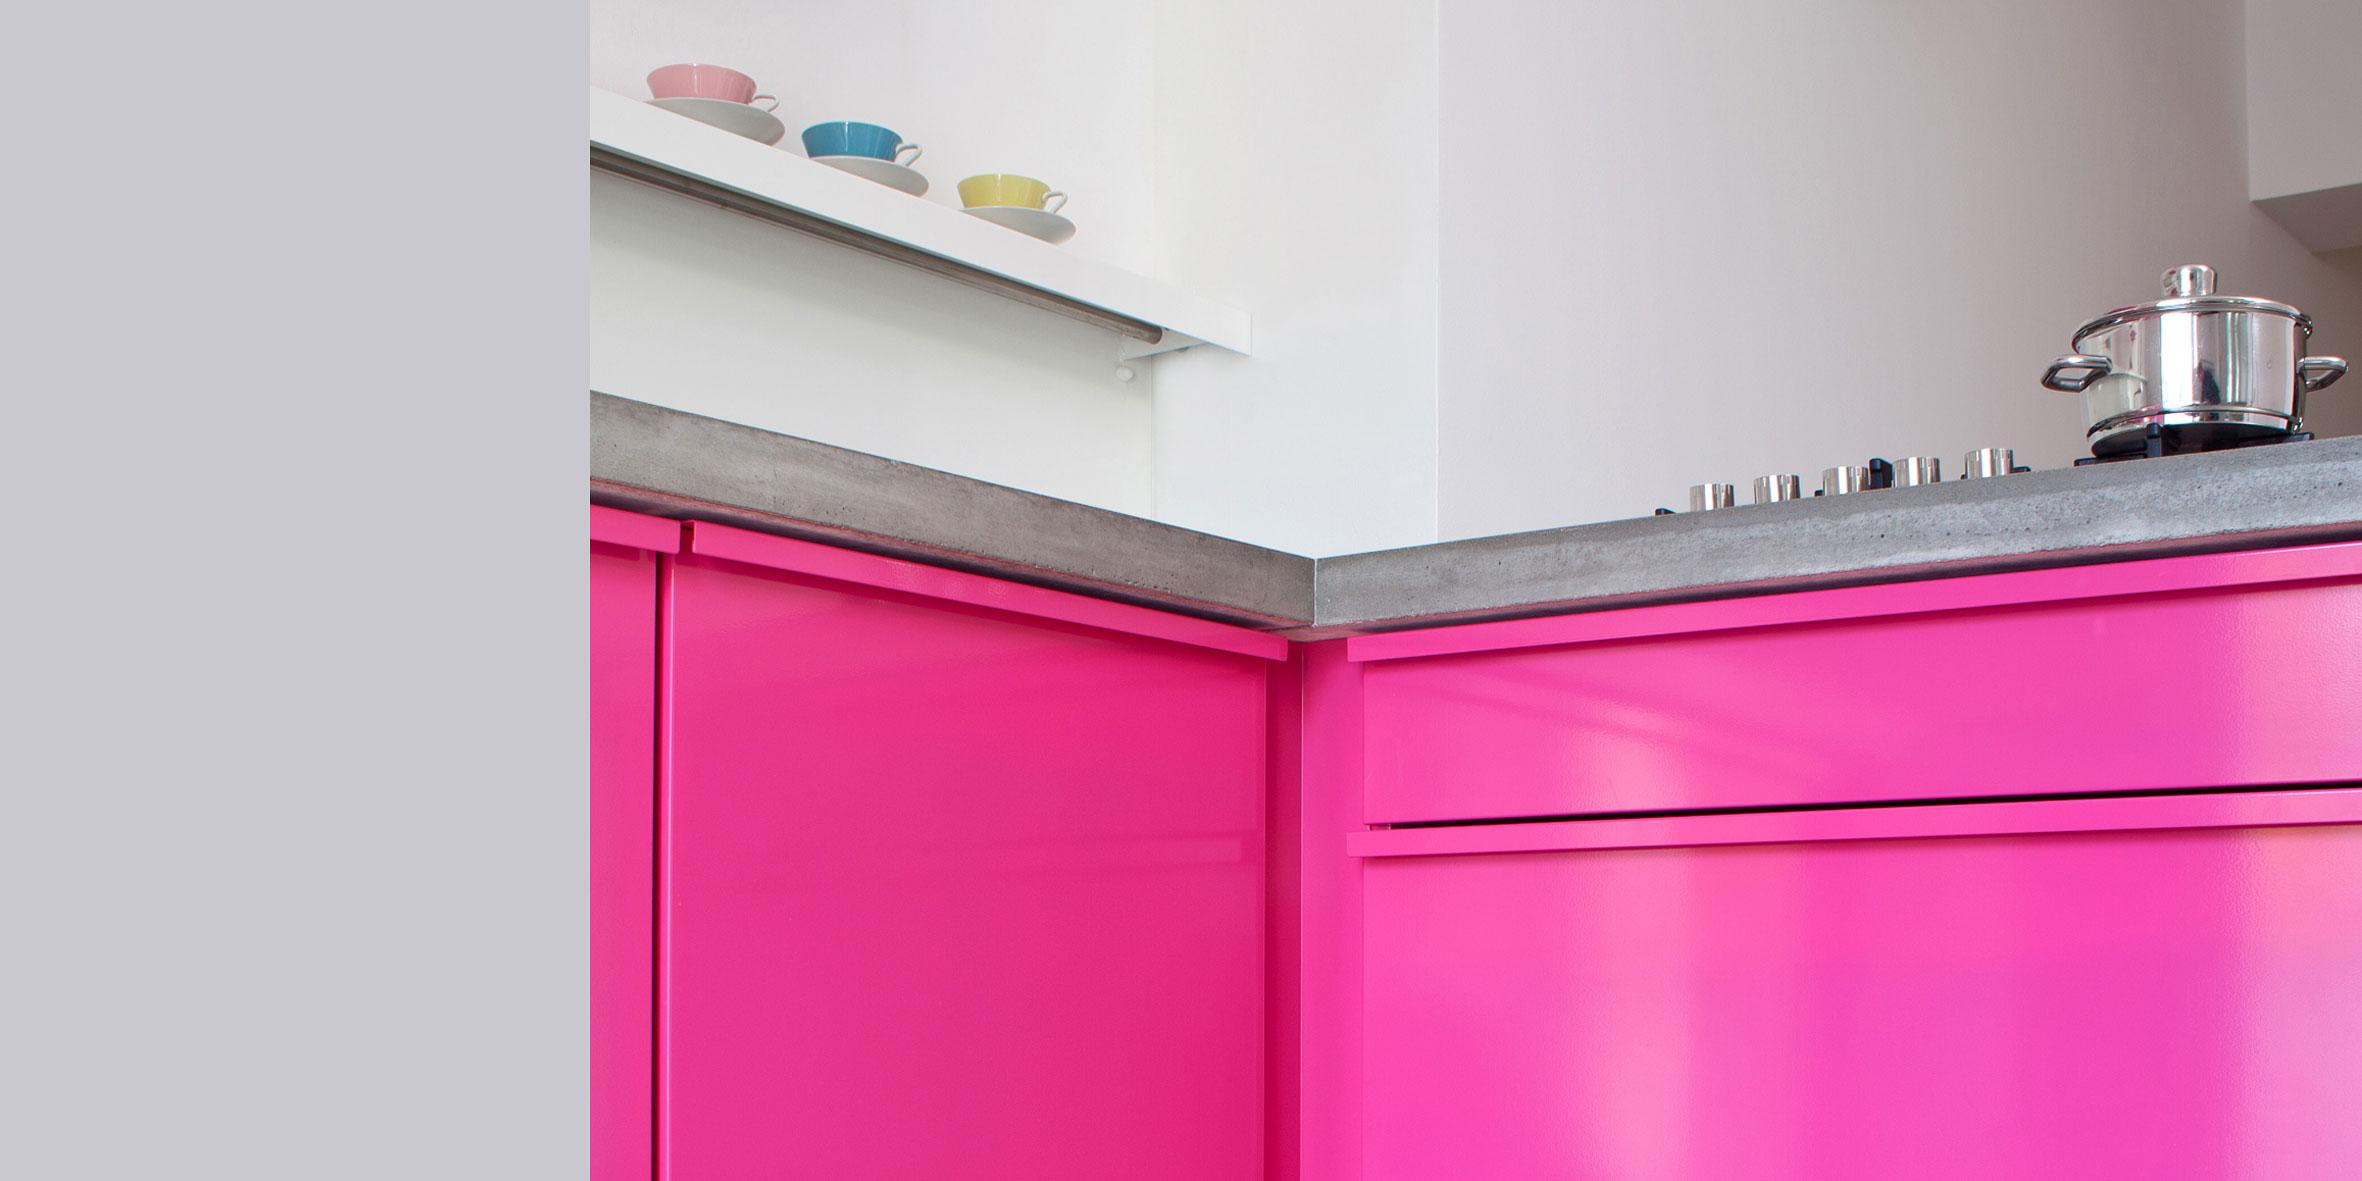 interieurfotografie vom profi jan kulke fotografie. Black Bedroom Furniture Sets. Home Design Ideas